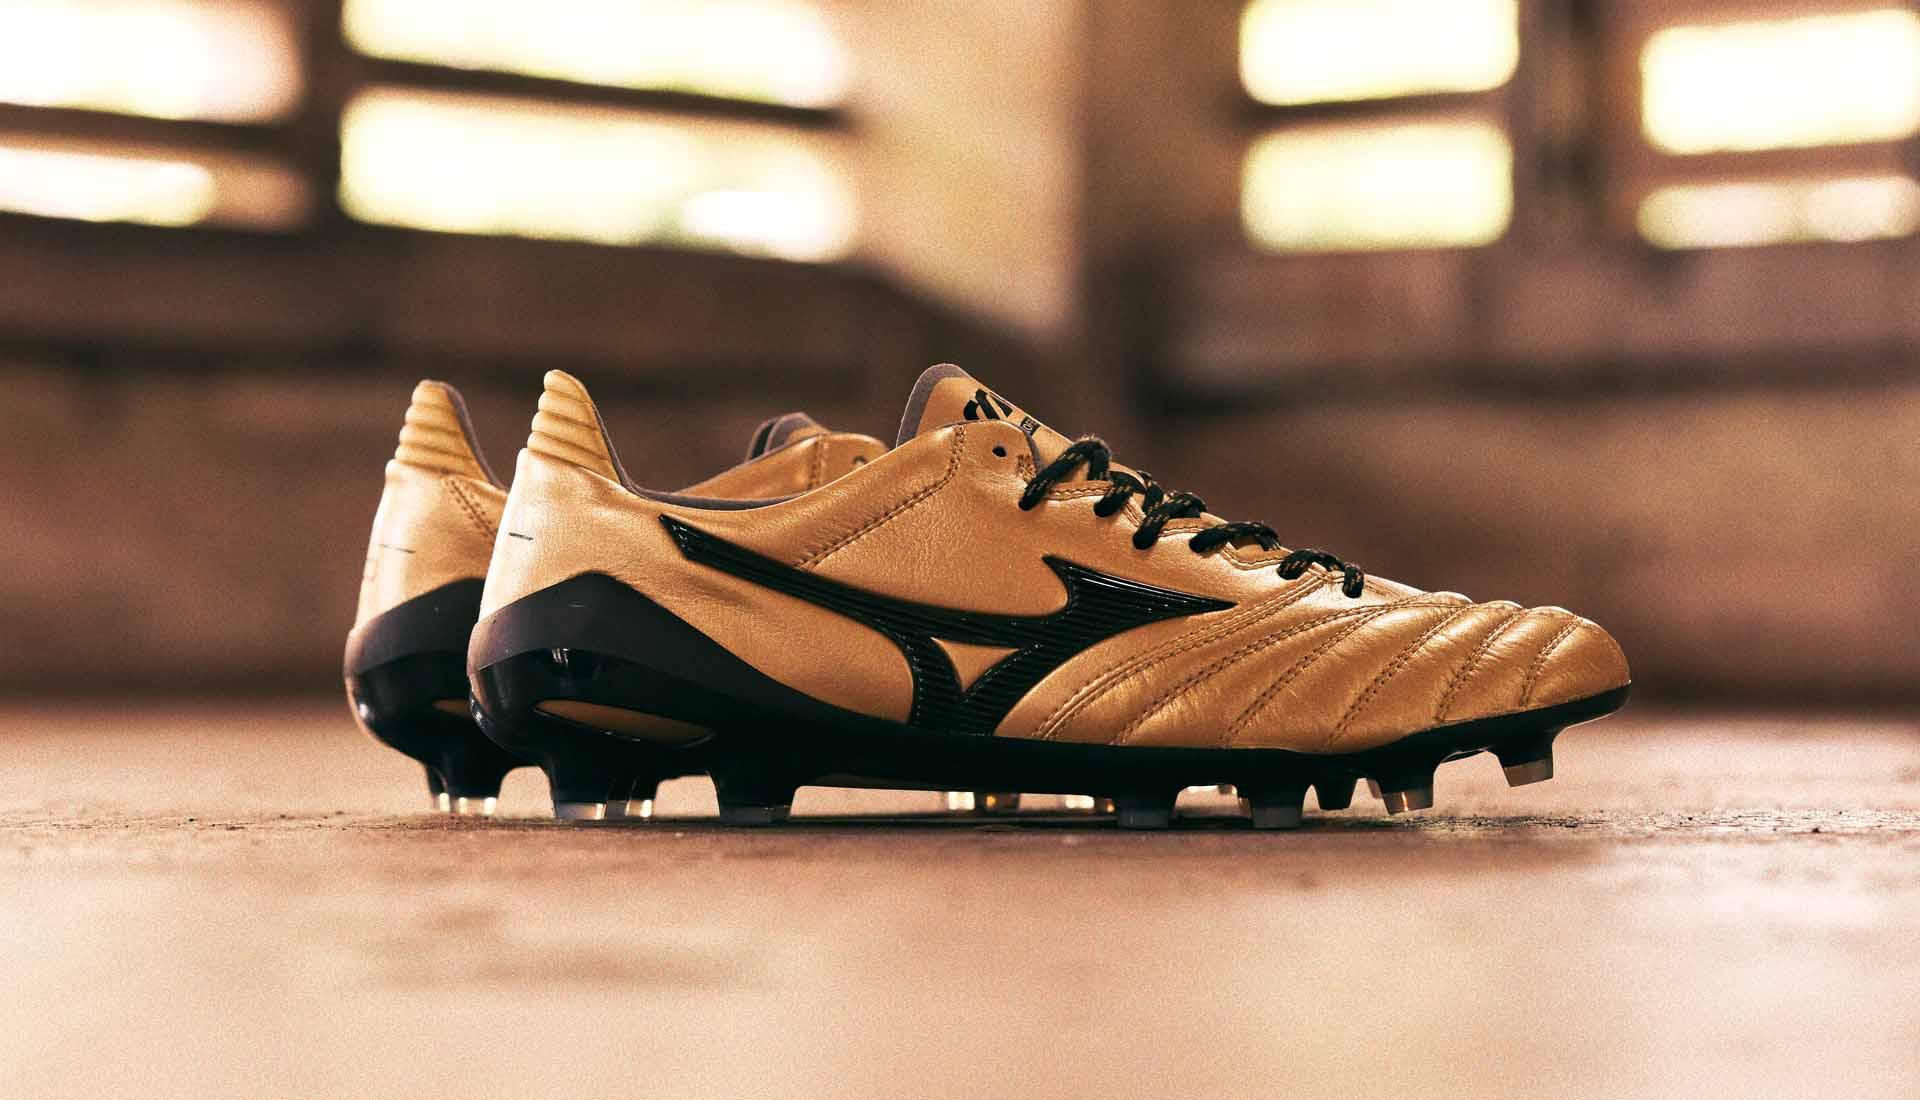 Mizuno Morelia Neo II Chaussure de Foot Test et Avis